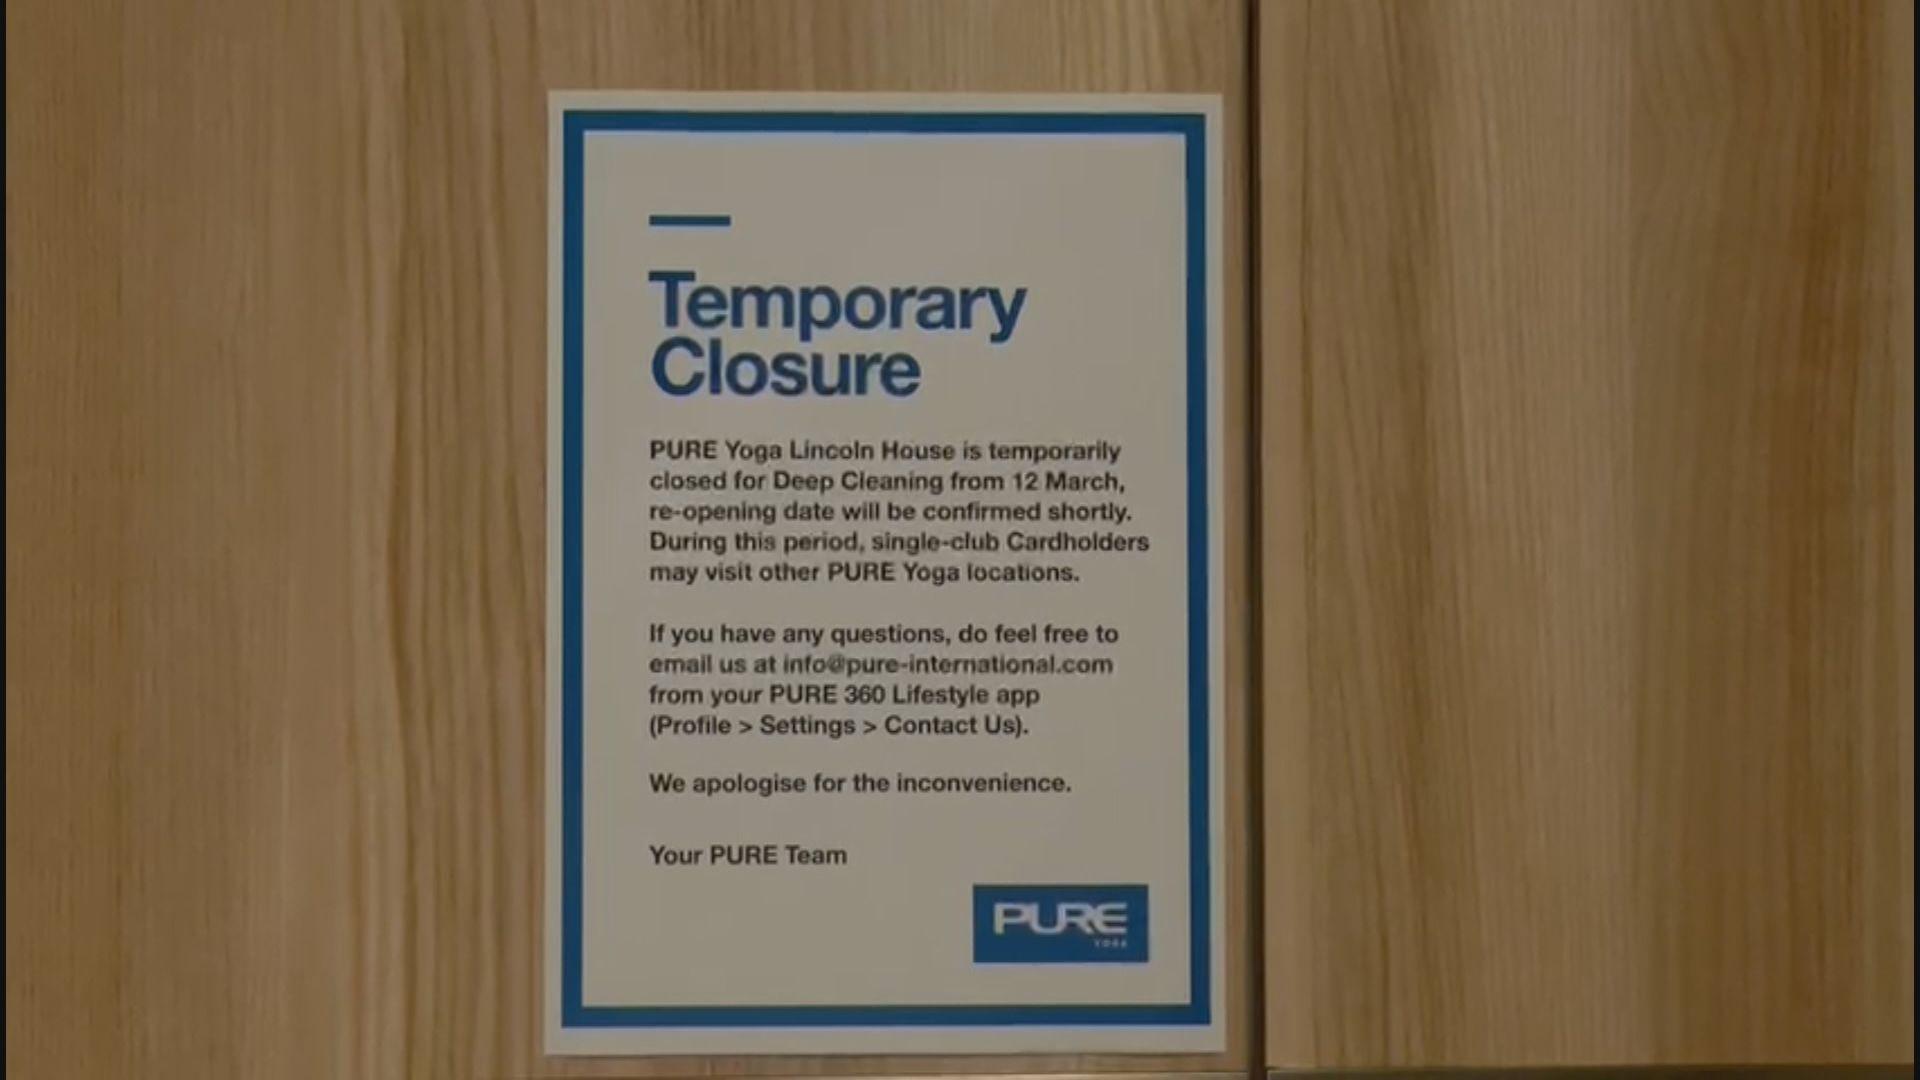 健身中心PURE最少四分店曾有確診者到訪 暫時關閉